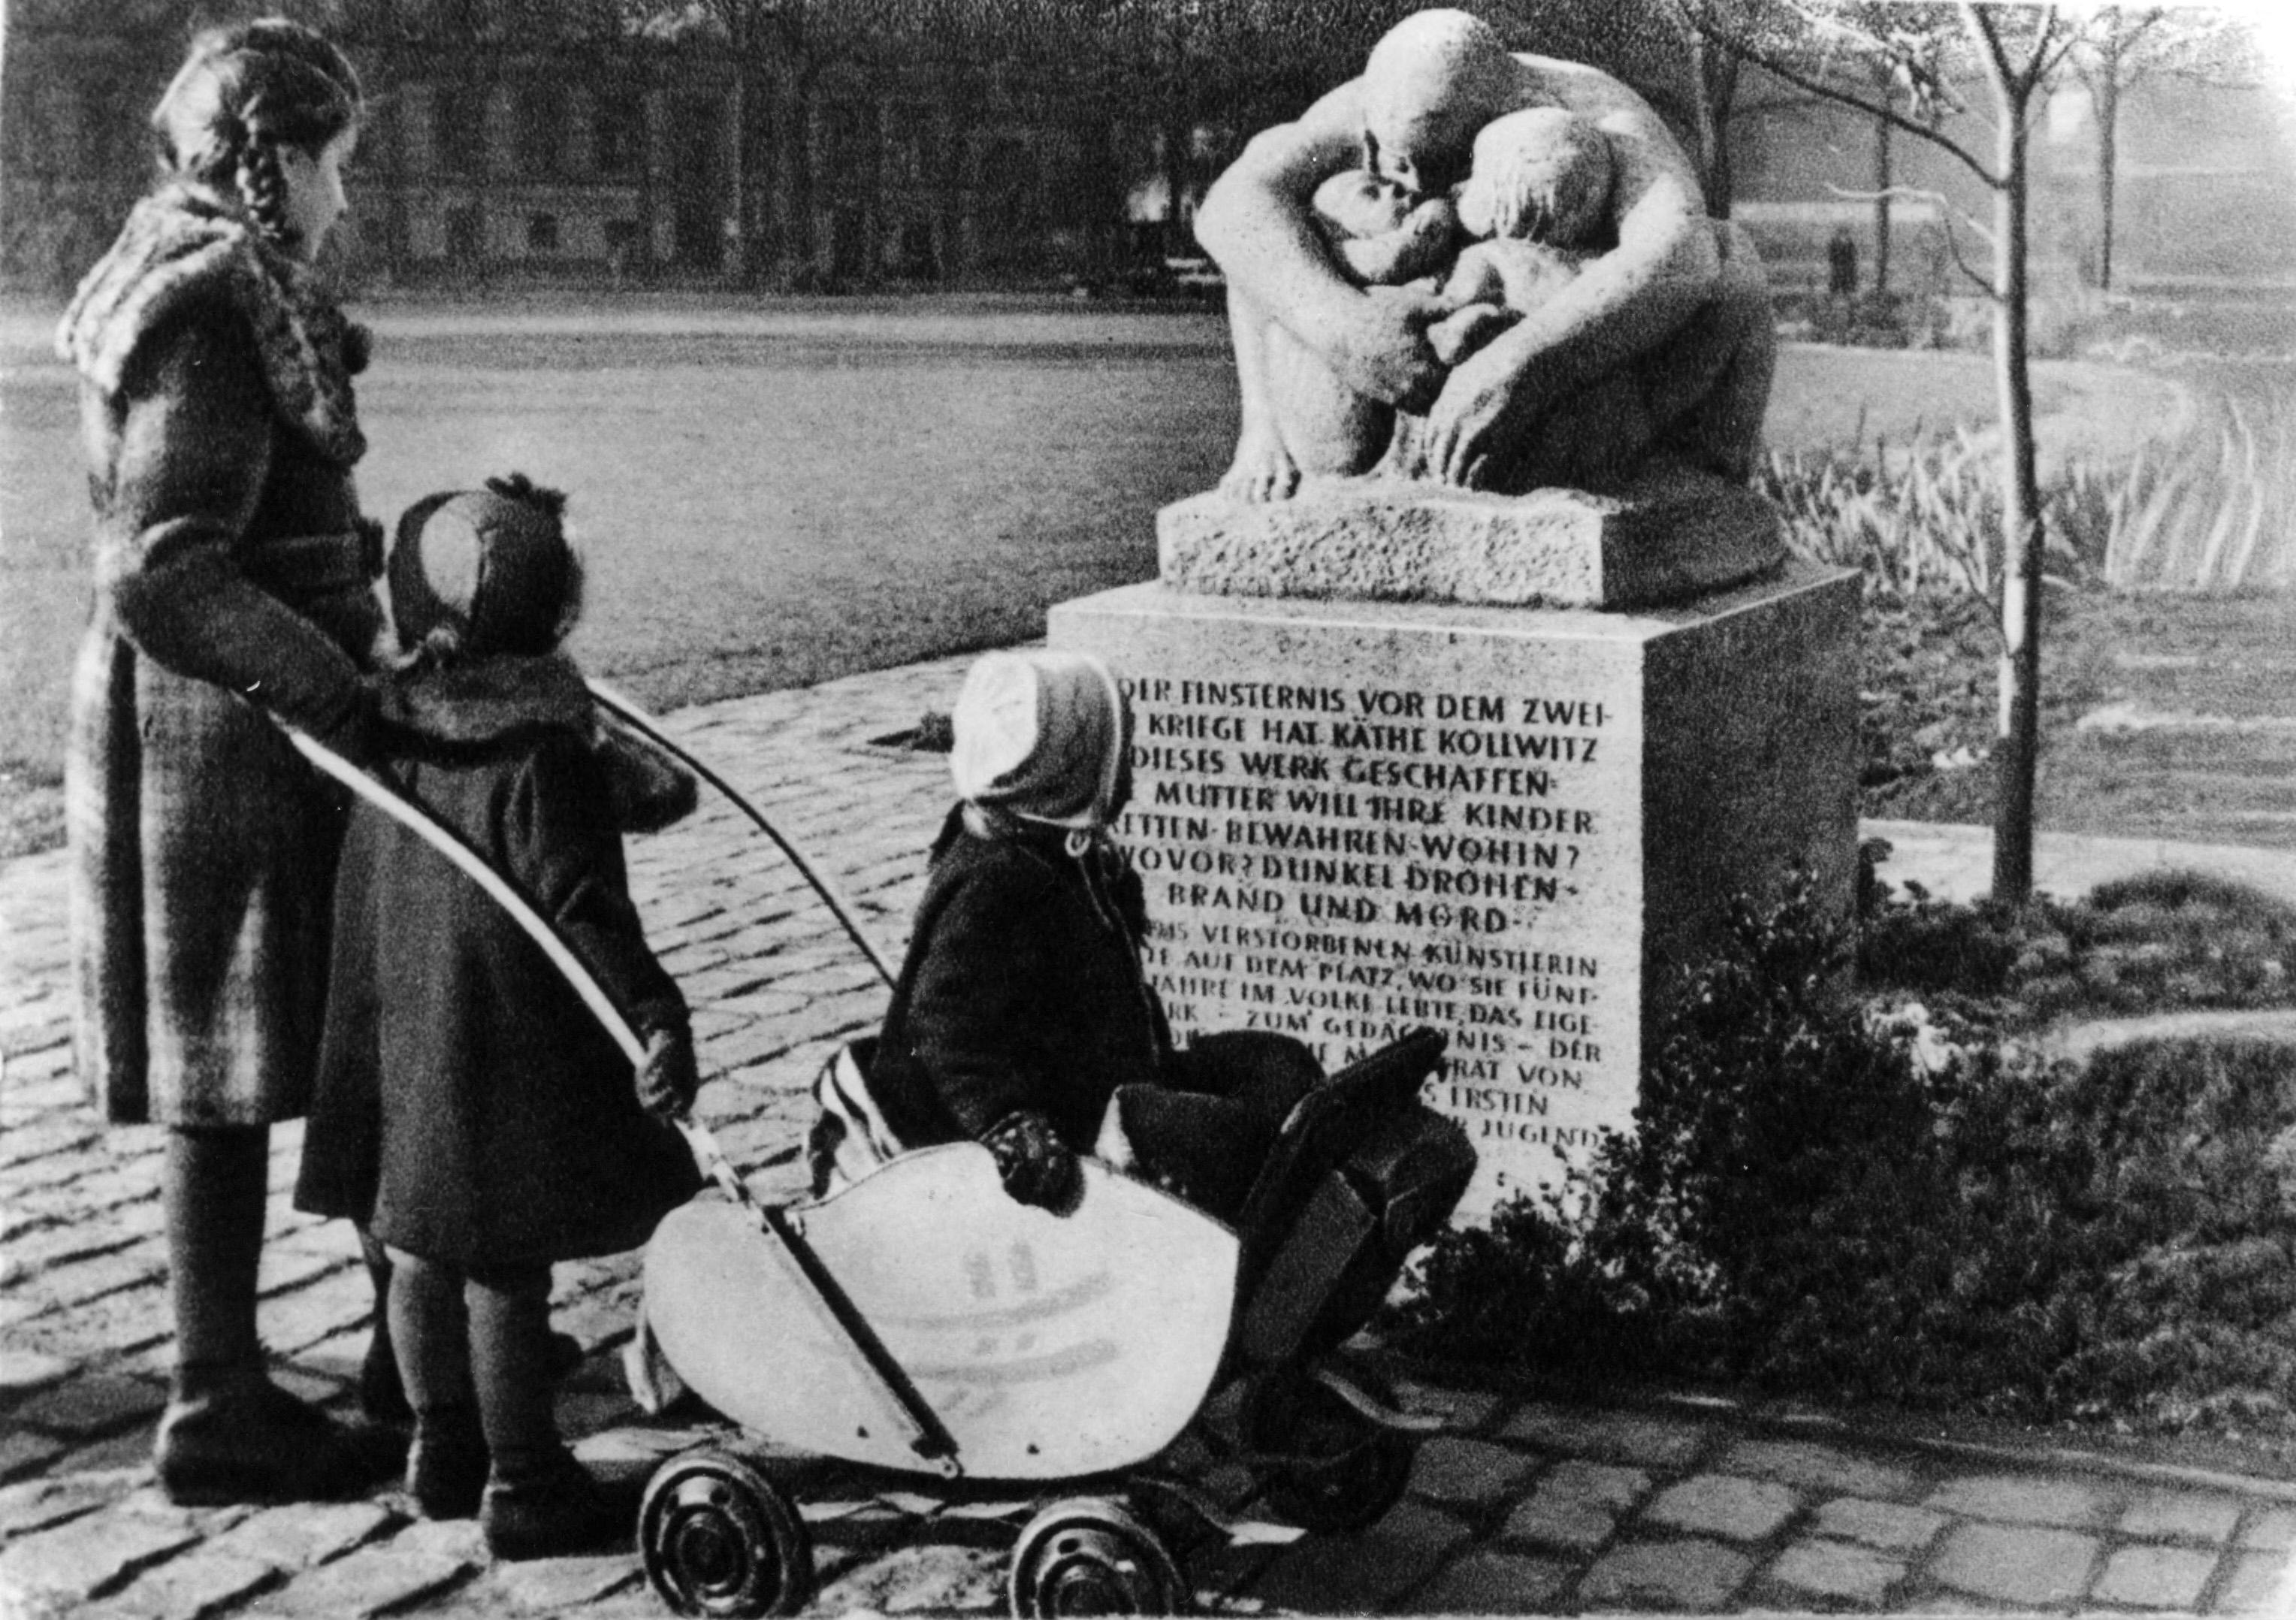 Diese Skulptur stand bis in die 90er Jahre an der Stelle des ehemaligen Kollwitz'schen Wohnhauses. (Bildarchiv Museum Pankow)